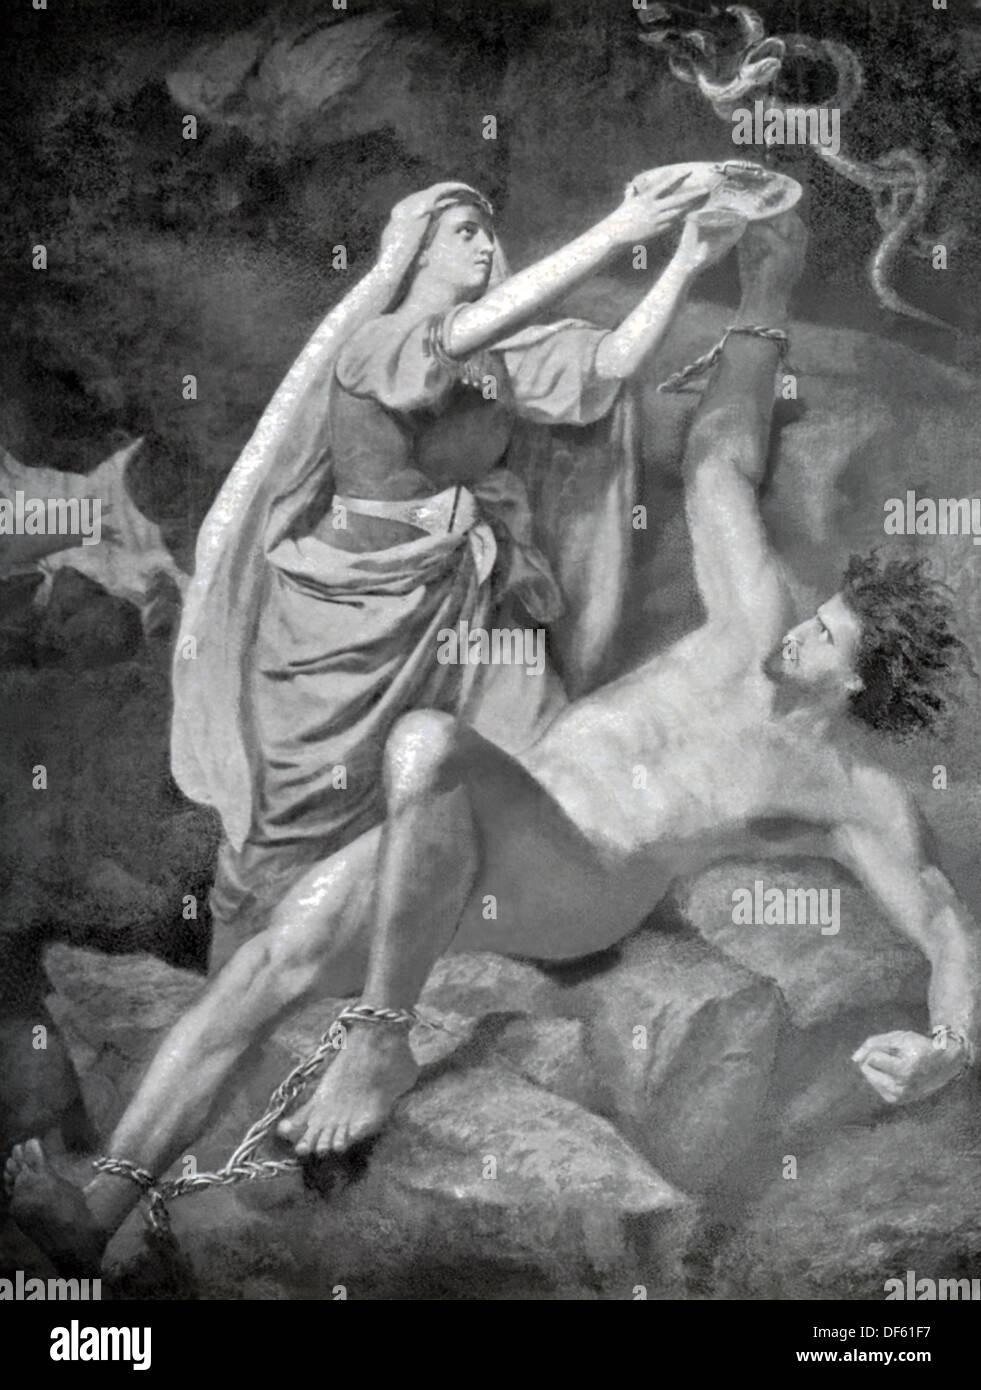 Dans la mythologie nordique, Loki épouse Sigyn recueillis le venin dans un bol, mais a dû le vider périodiquement. Photo Stock